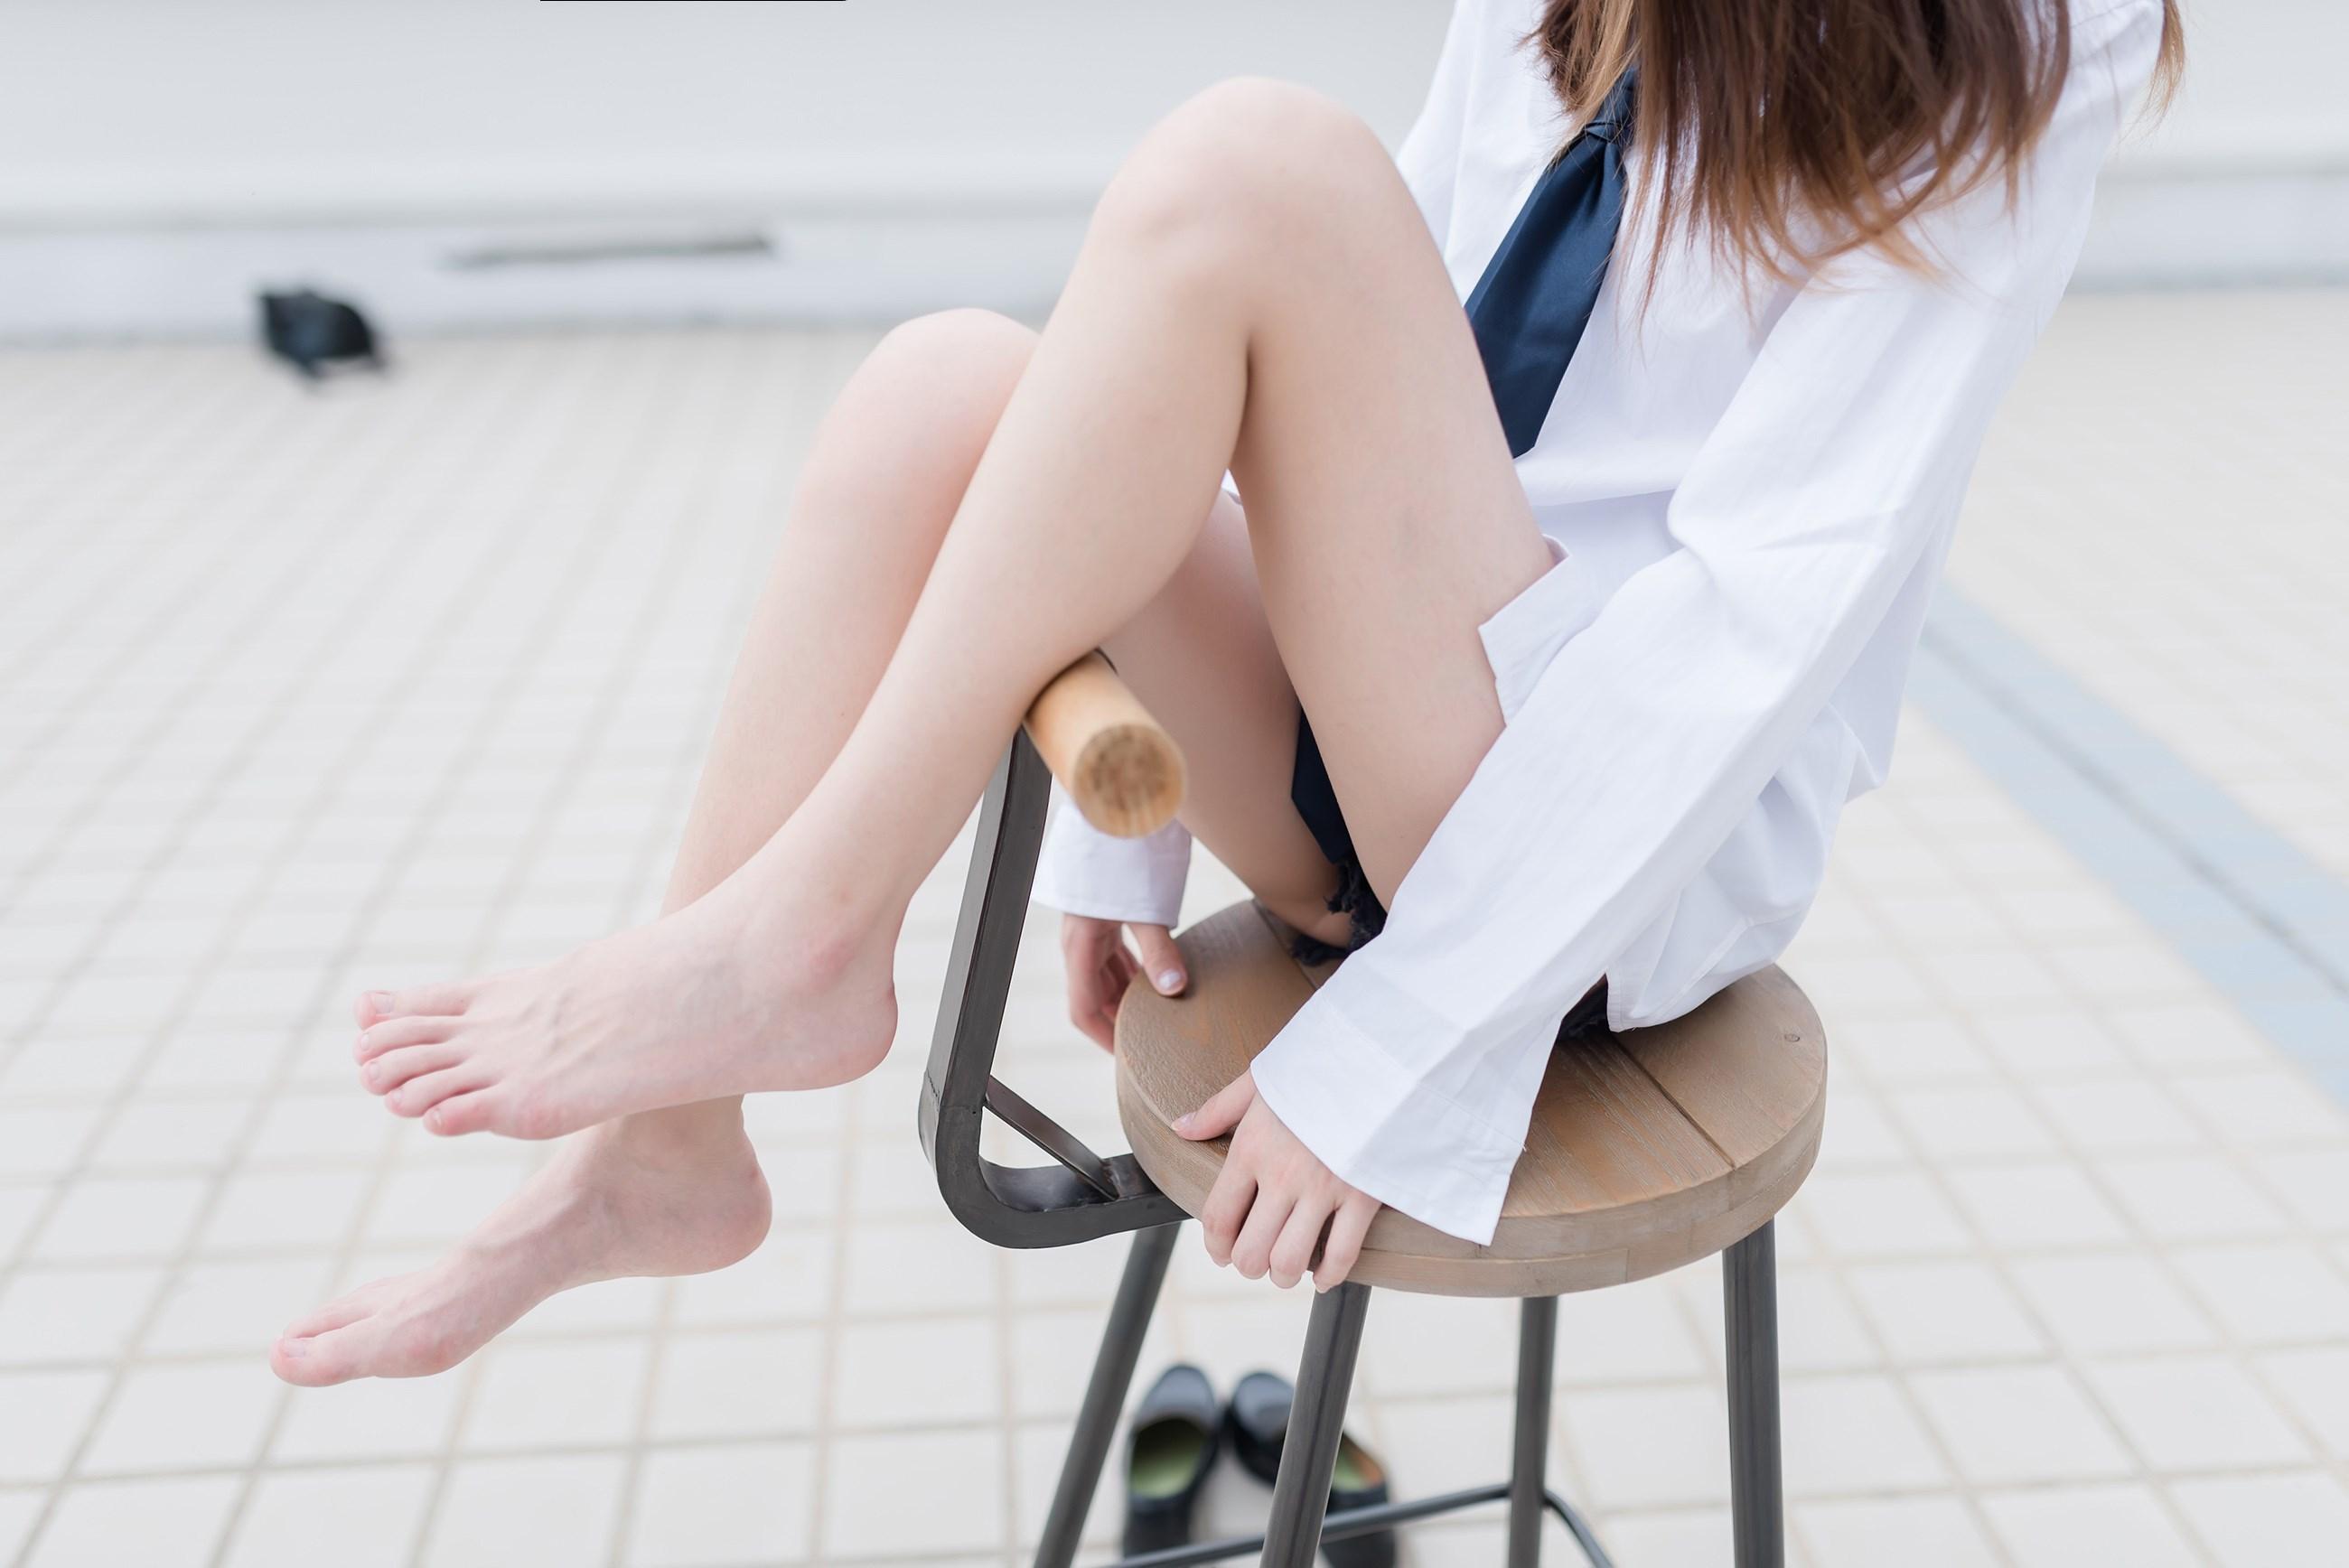 【兔玩映画】裸脚白衬衫 · 足控福利 兔玩映画 第38张